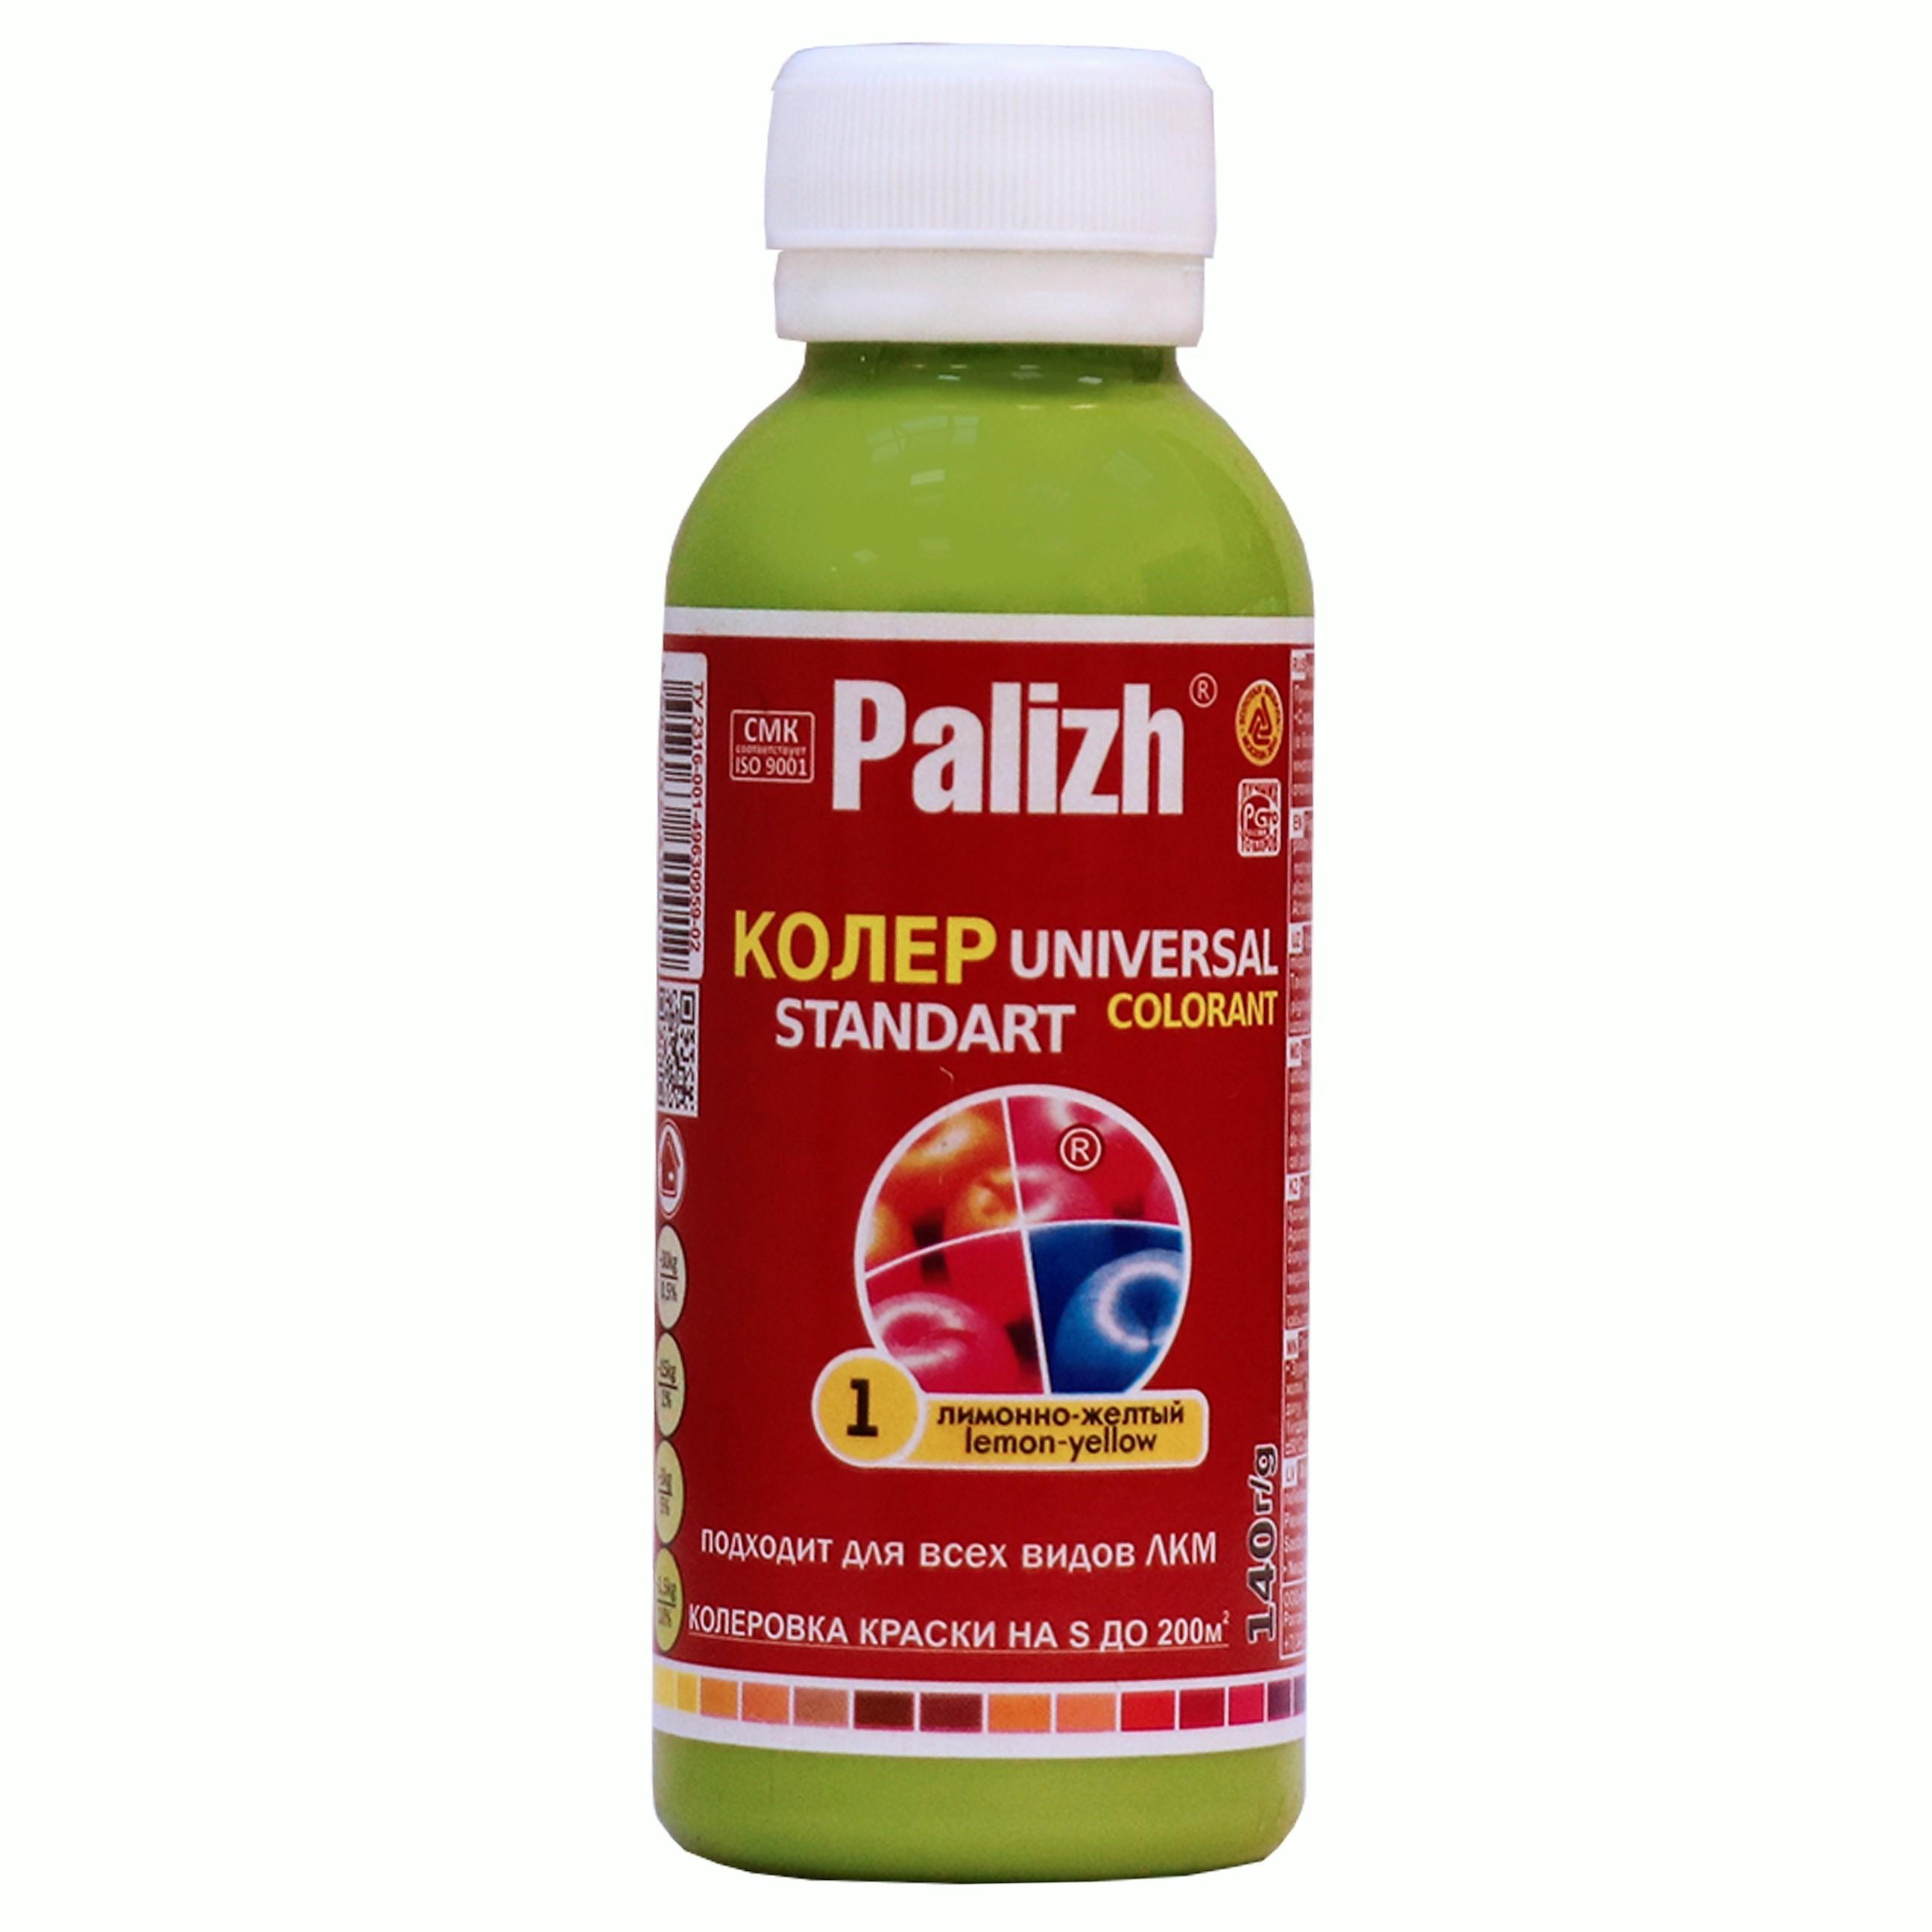 Колер универсальный Palizh №01 лим-желт. 100мл - фото